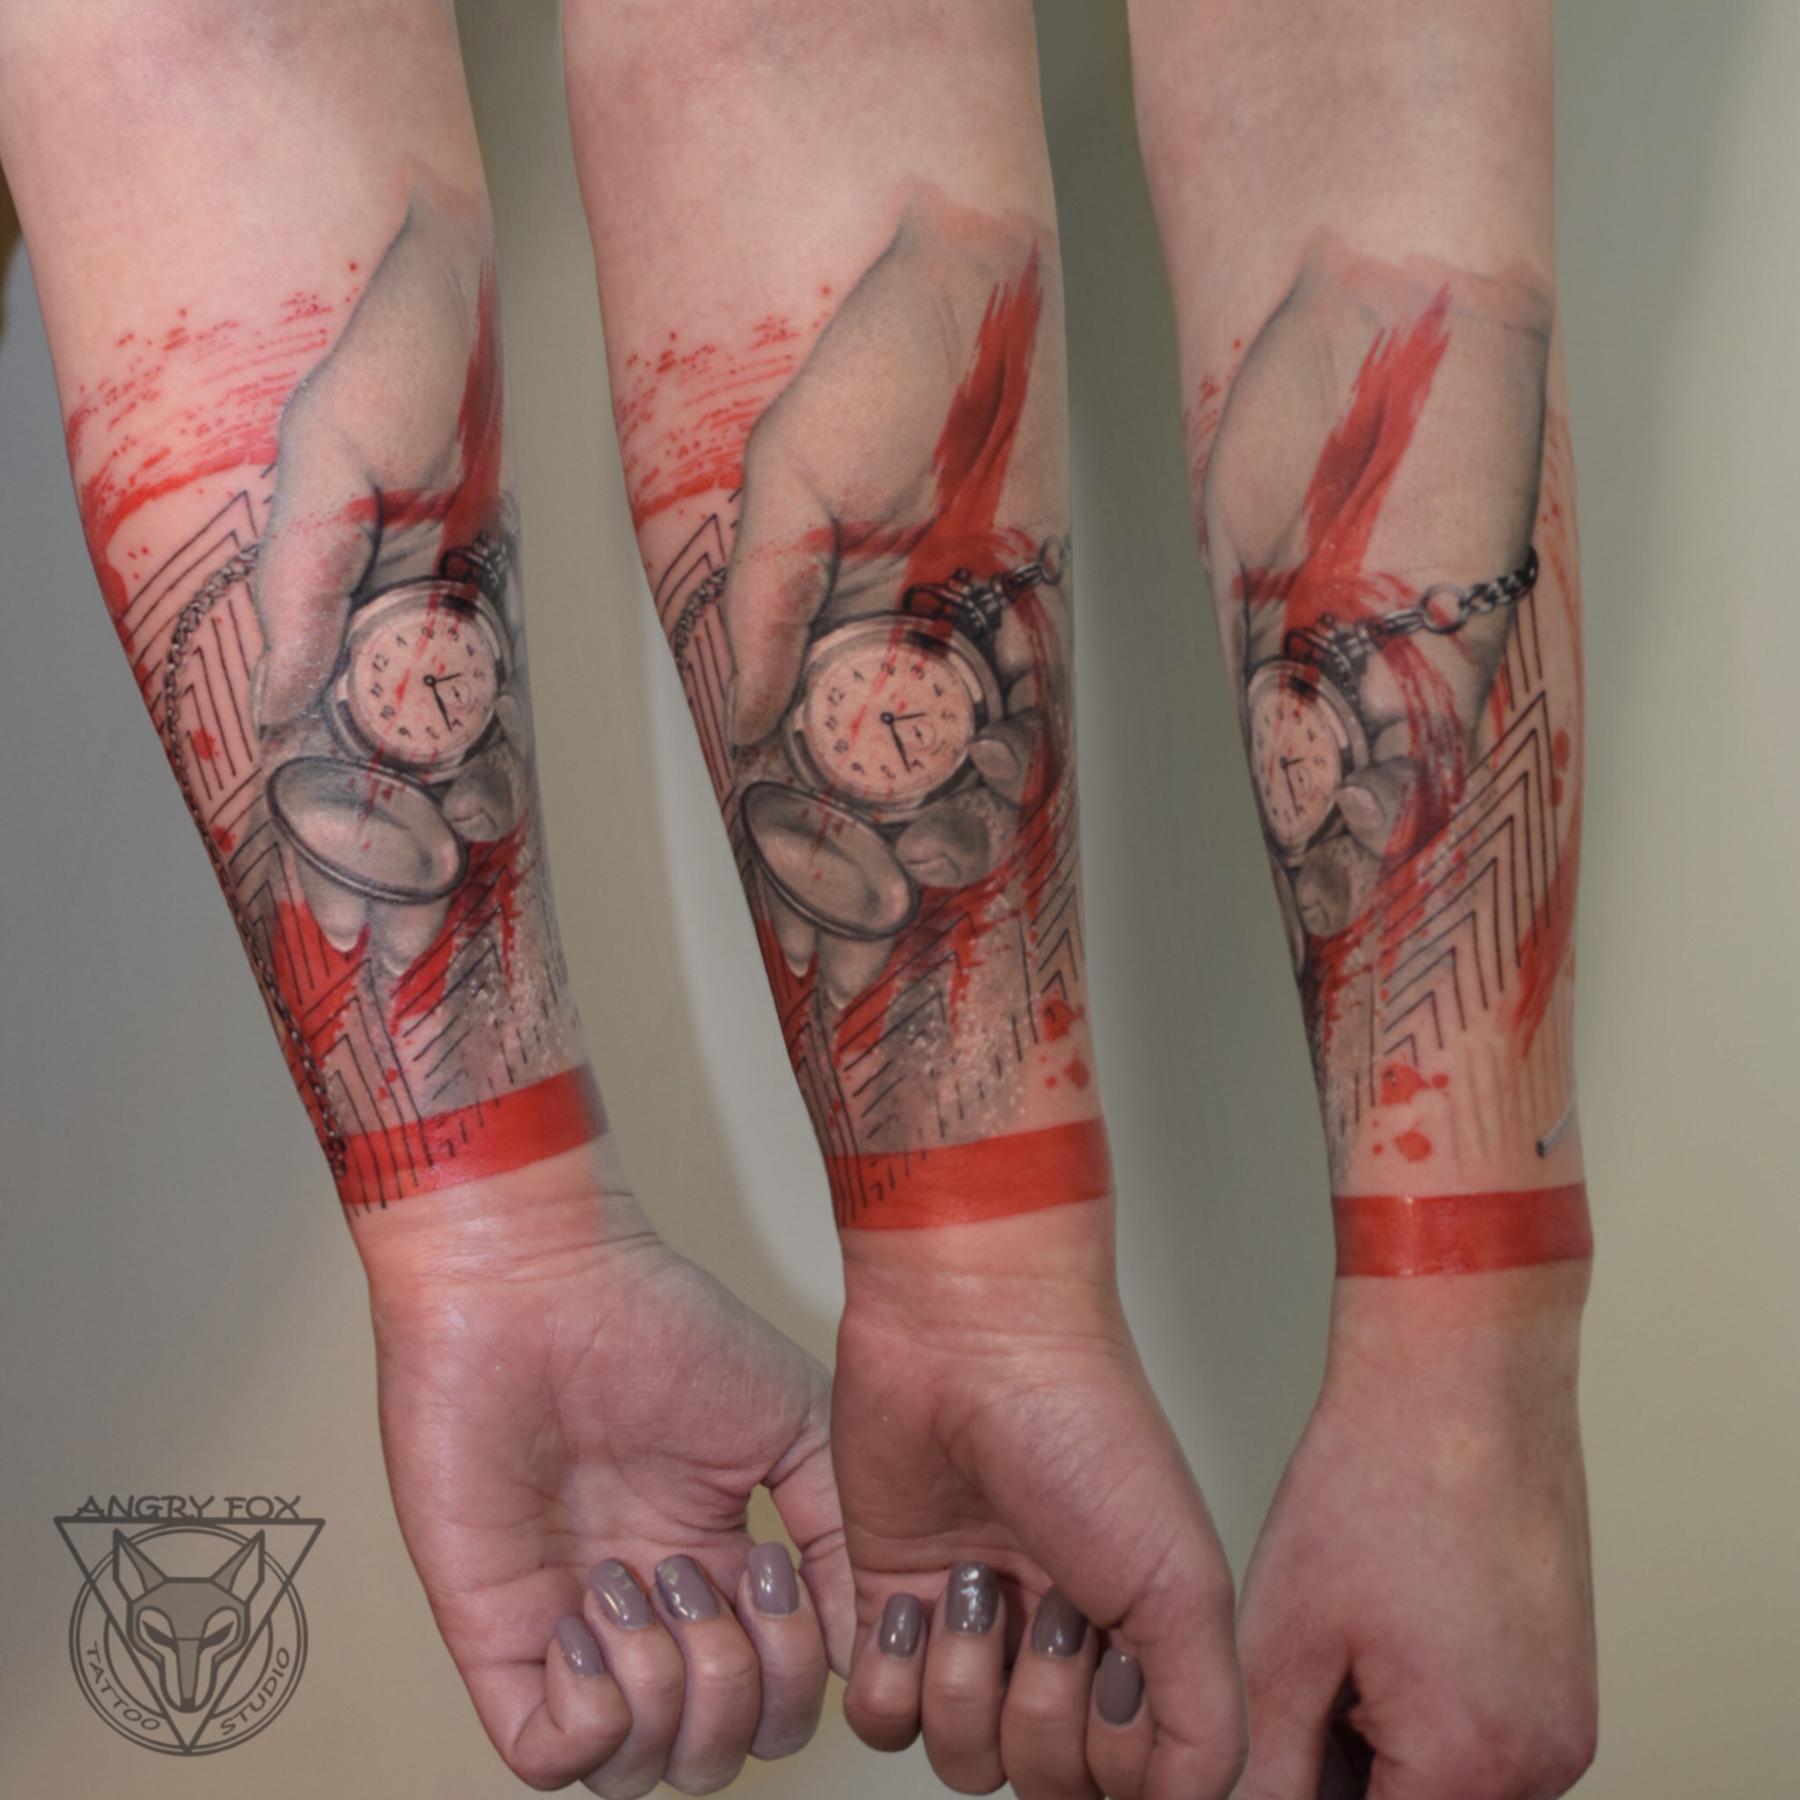 татуировка, тату, рука, часы, секунды, стрелки, песок, время, предплечье, девушка, реализм, трэшполька, графика